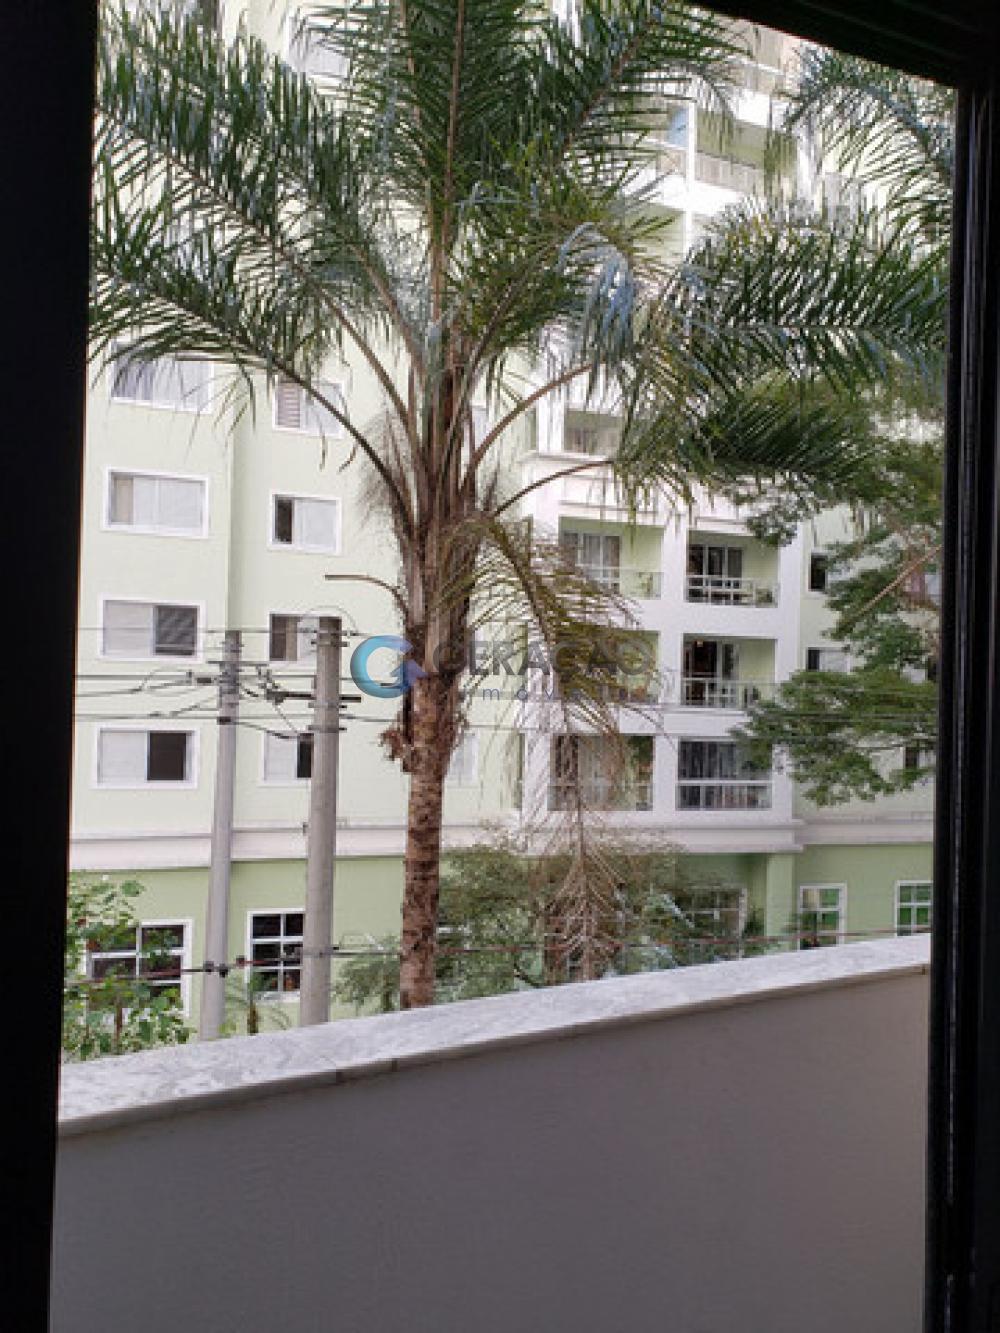 Comprar Apartamento / Flat em São José dos Campos apenas R$ 310.000,00 - Foto 9